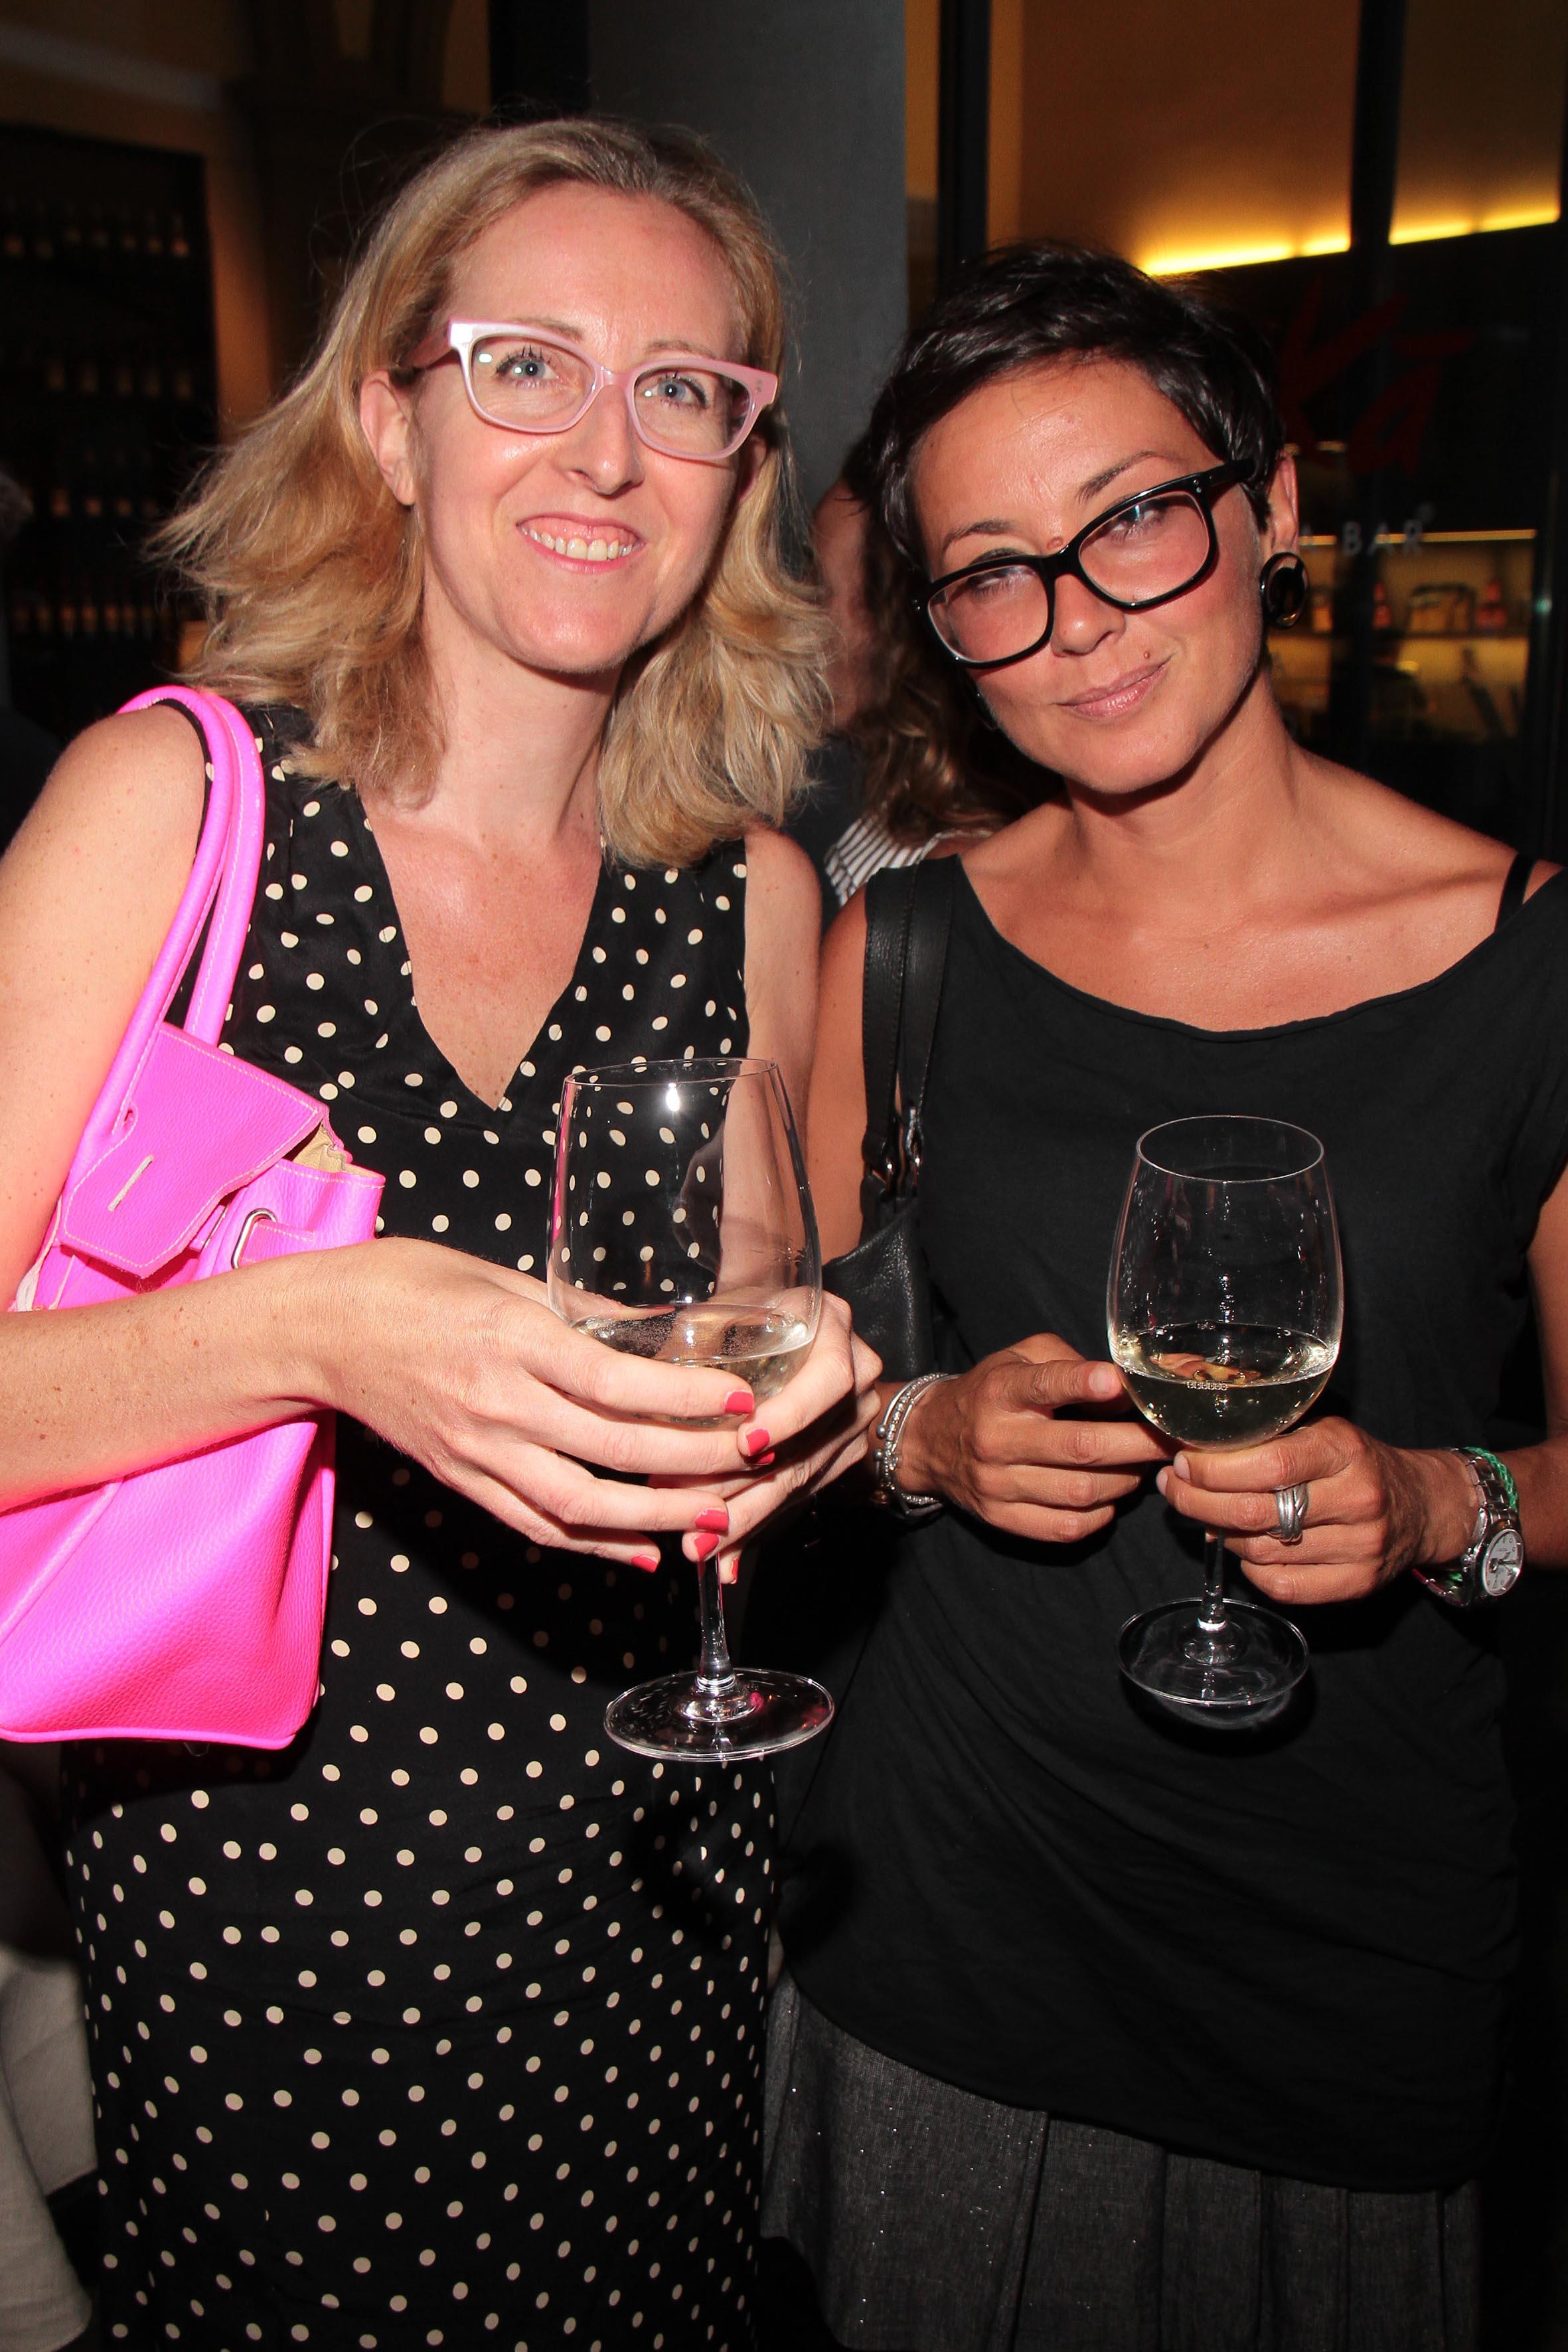 PRESSPHOTO Firenze, Obikà aperitivo. Nella foto Serena Masieri e Barbara Giomi  giuseppe cabras/new press photo